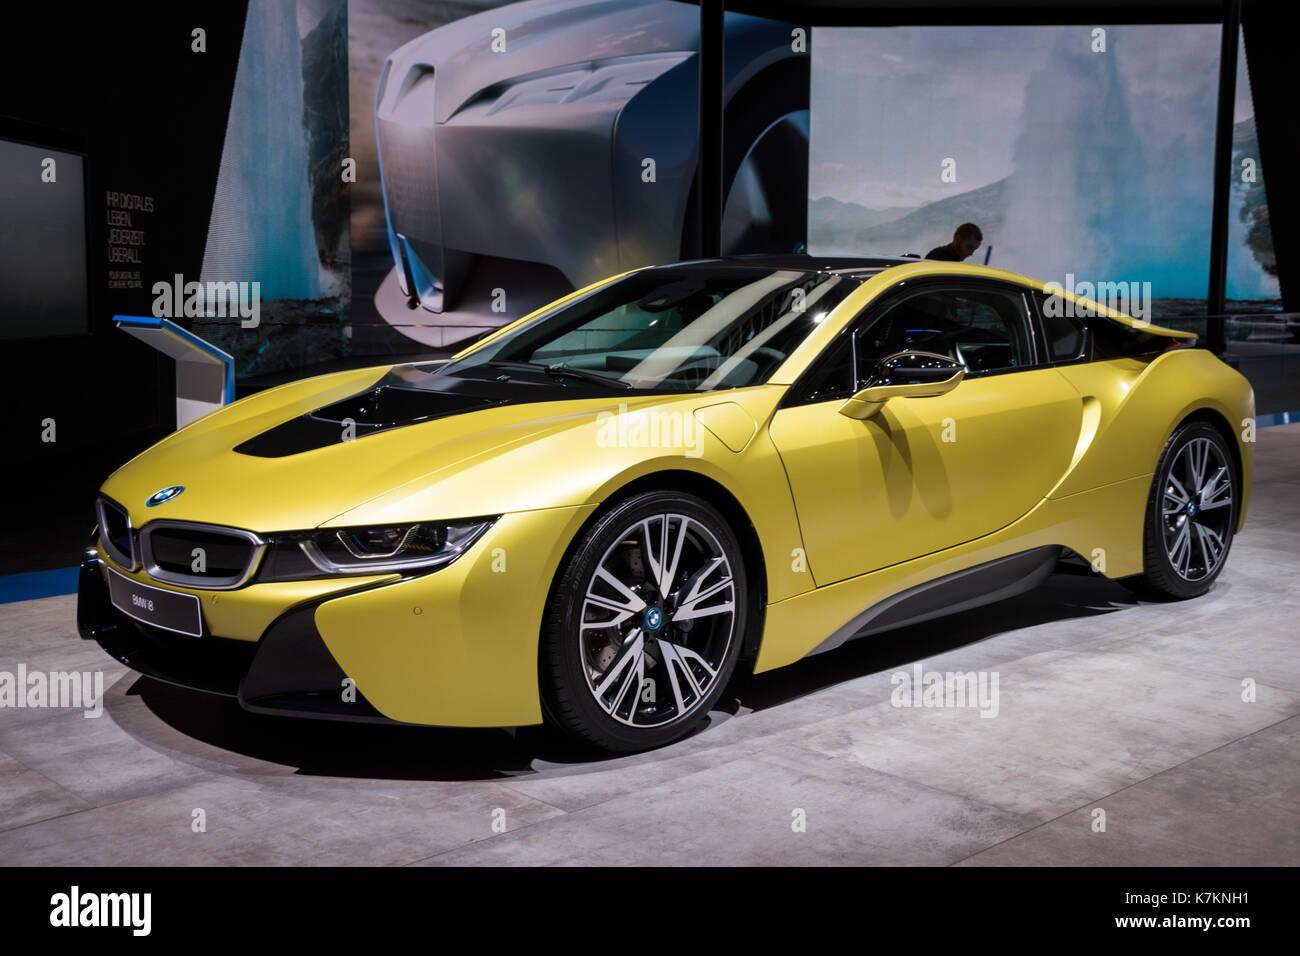 Yellow Car Show Stock Photos Amp Yellow Car Show Stock